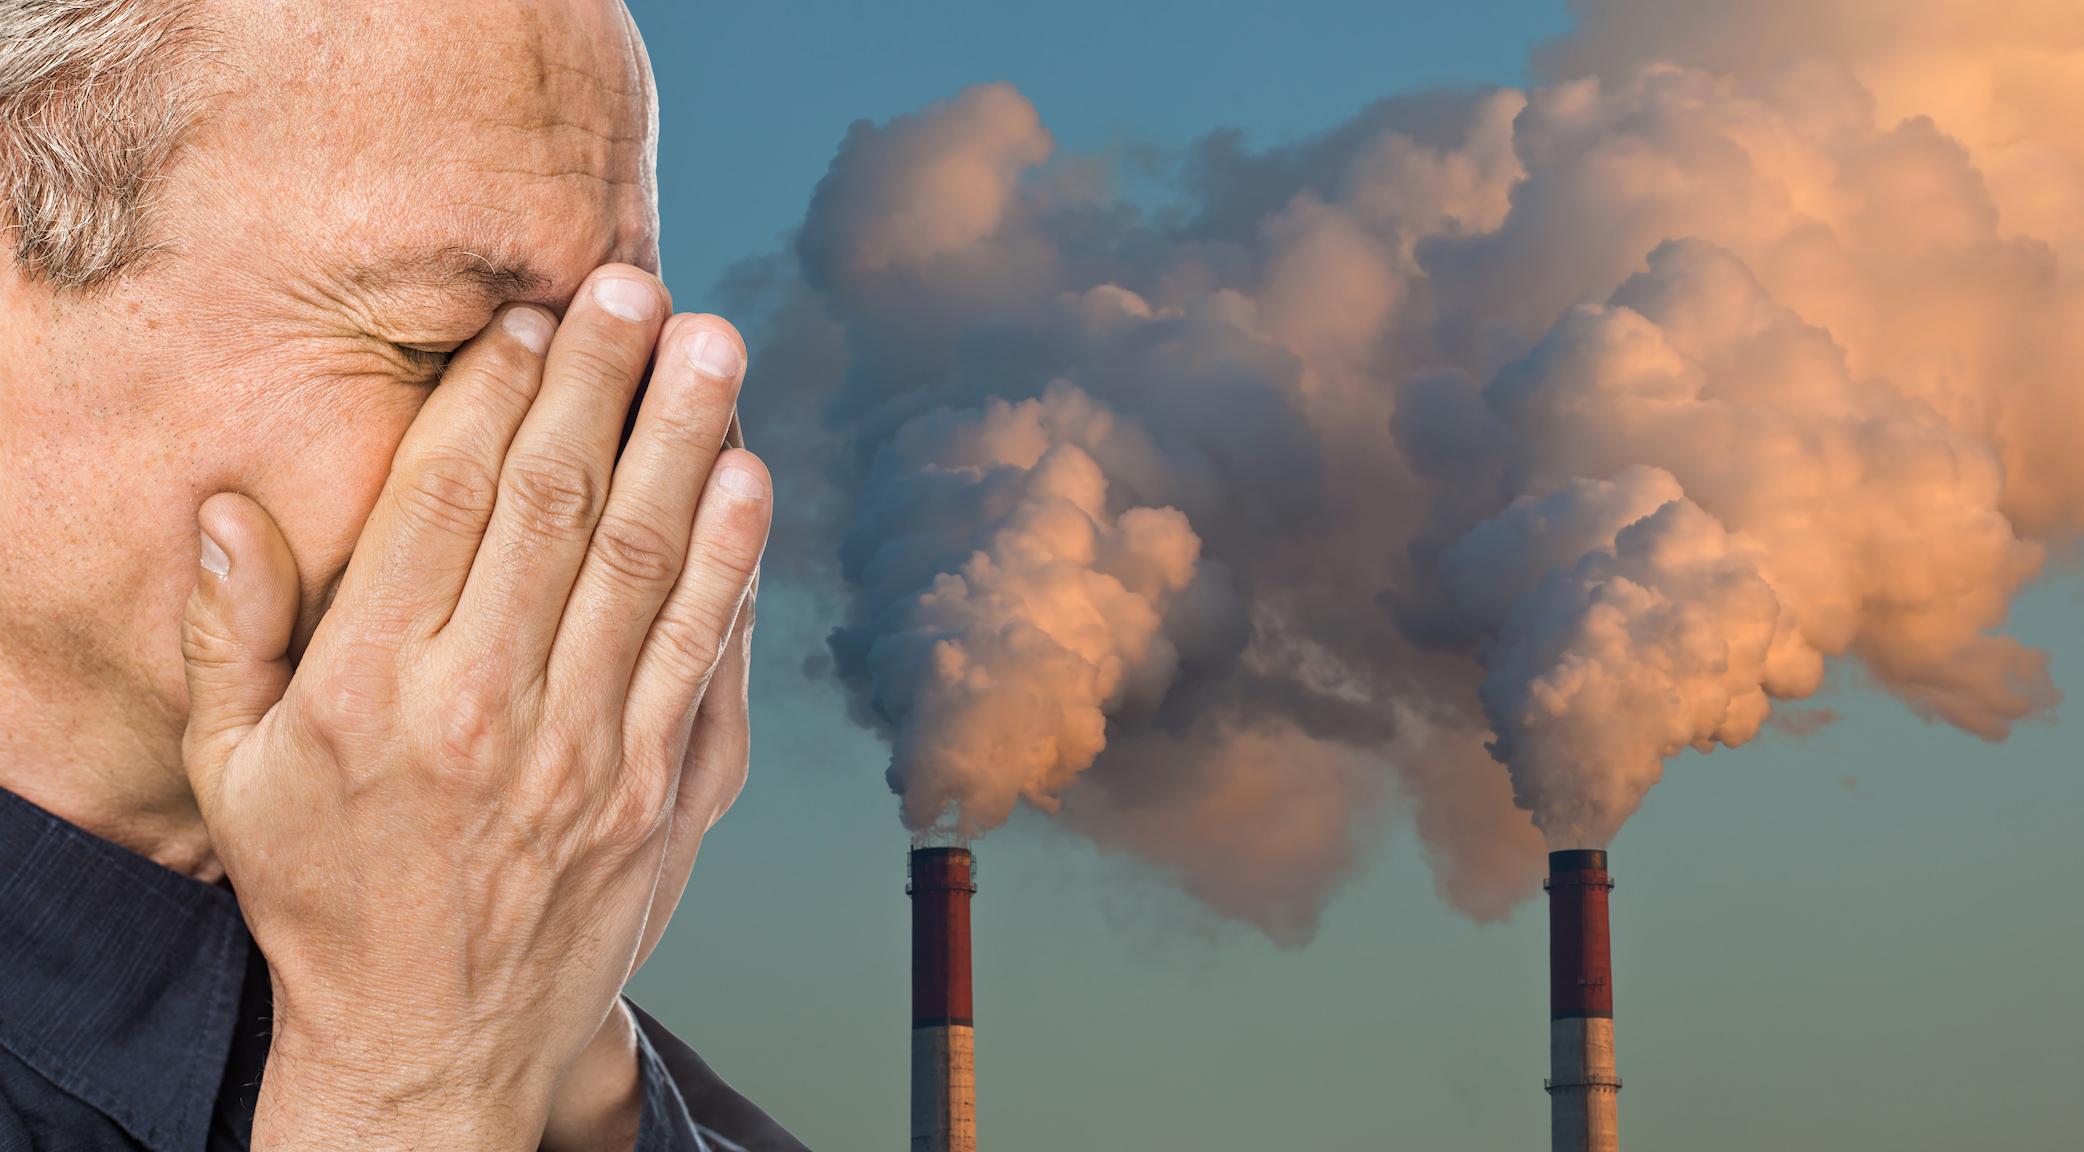 Развитие органической химии вызывает проблемы здоровья человека